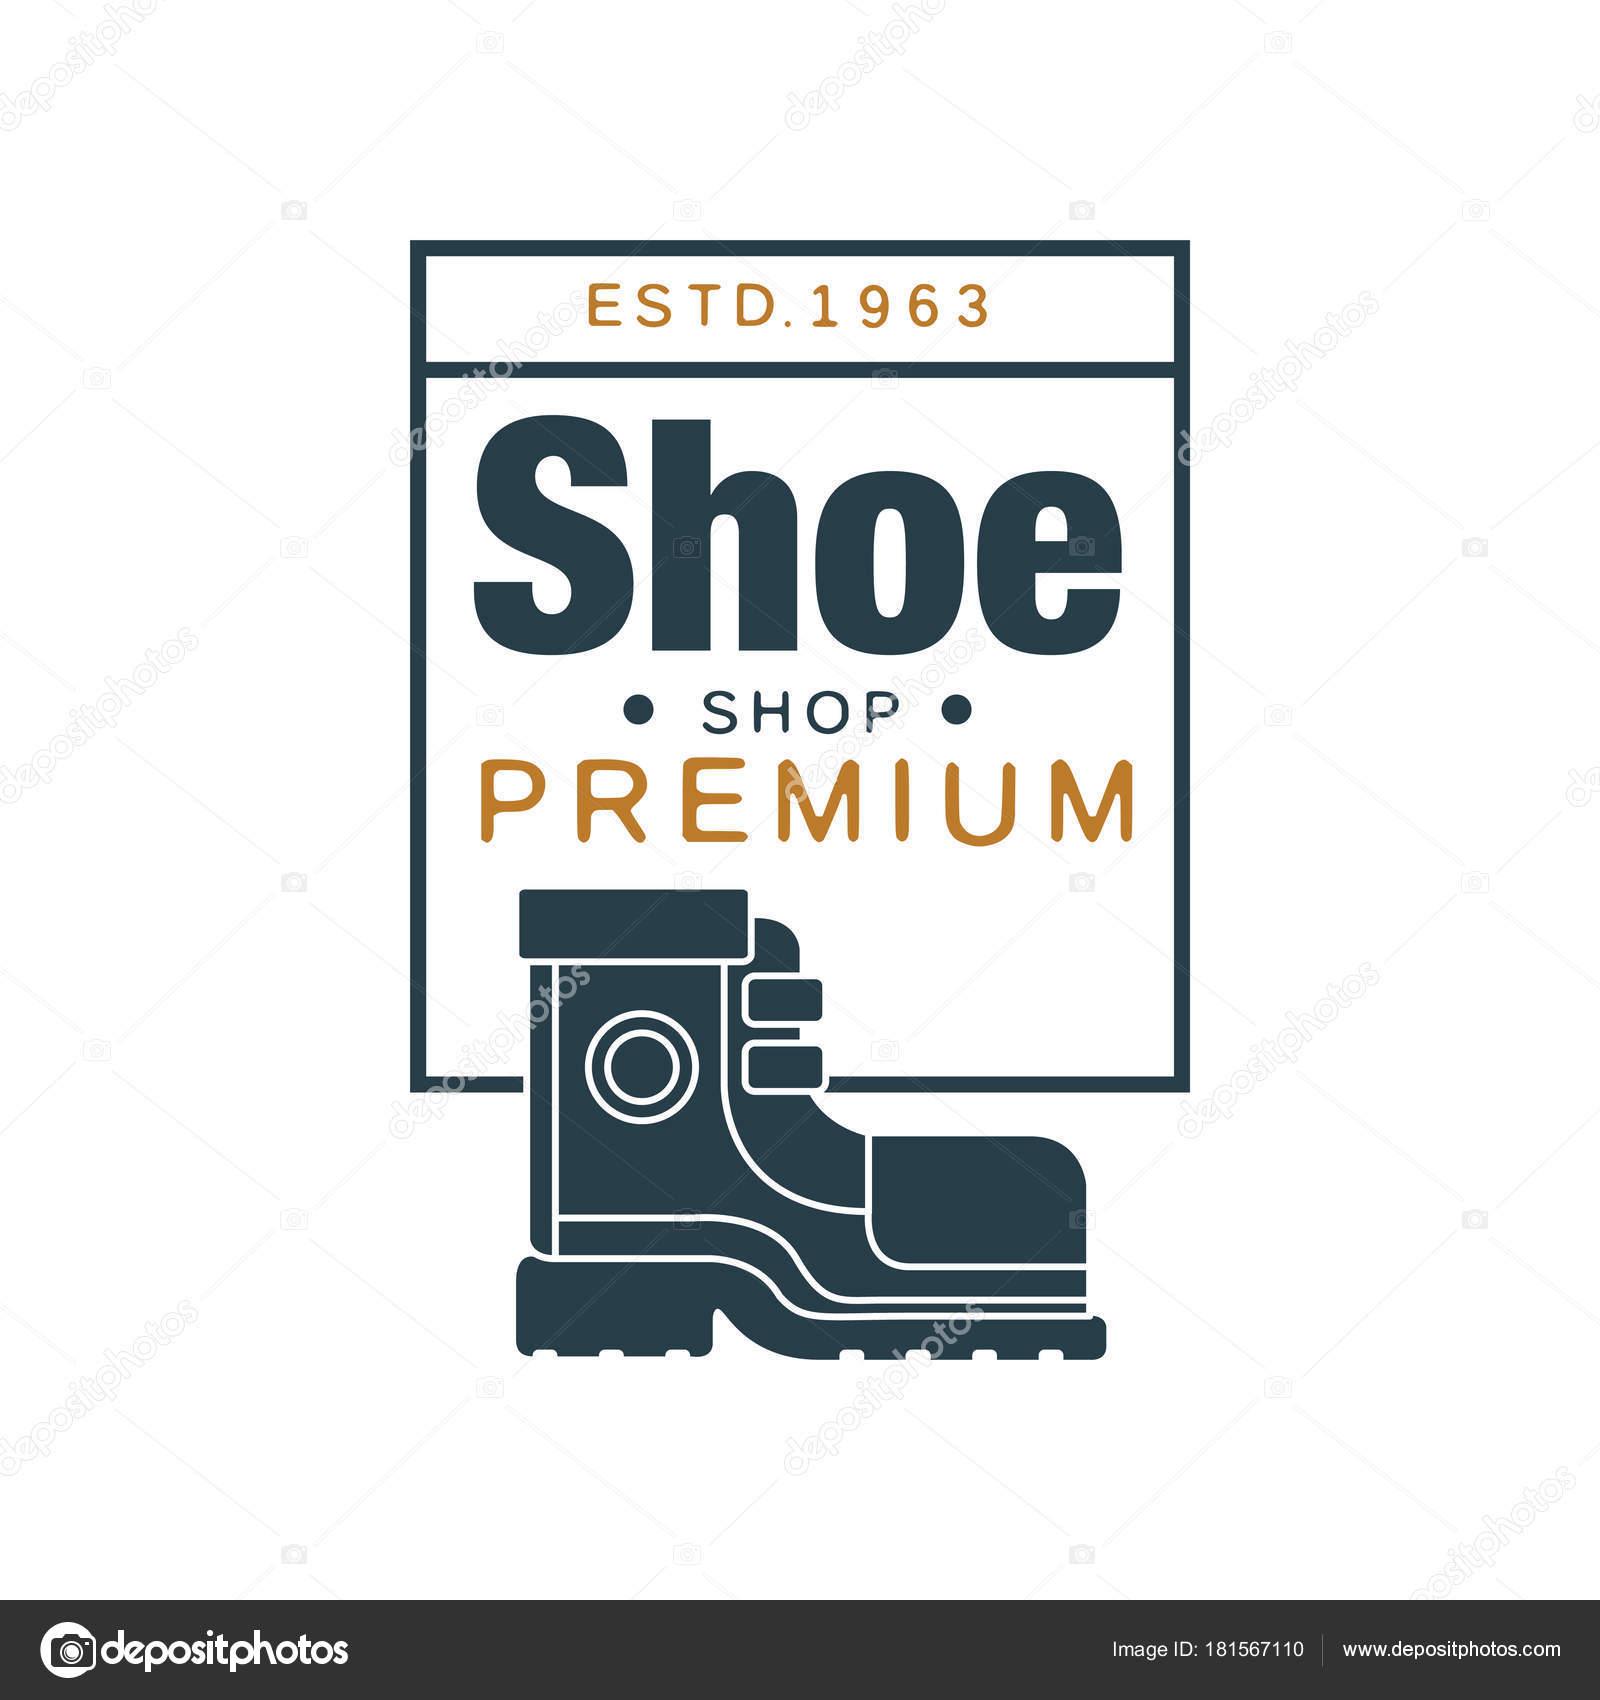 447a3577583 Обуви магазин Премиум логотип, estd 1963 Винтаж пропуска для обуви бренда,  сапожник или обувь ремонт векторные иллюстрации на белом фоне — Вектор от  ...